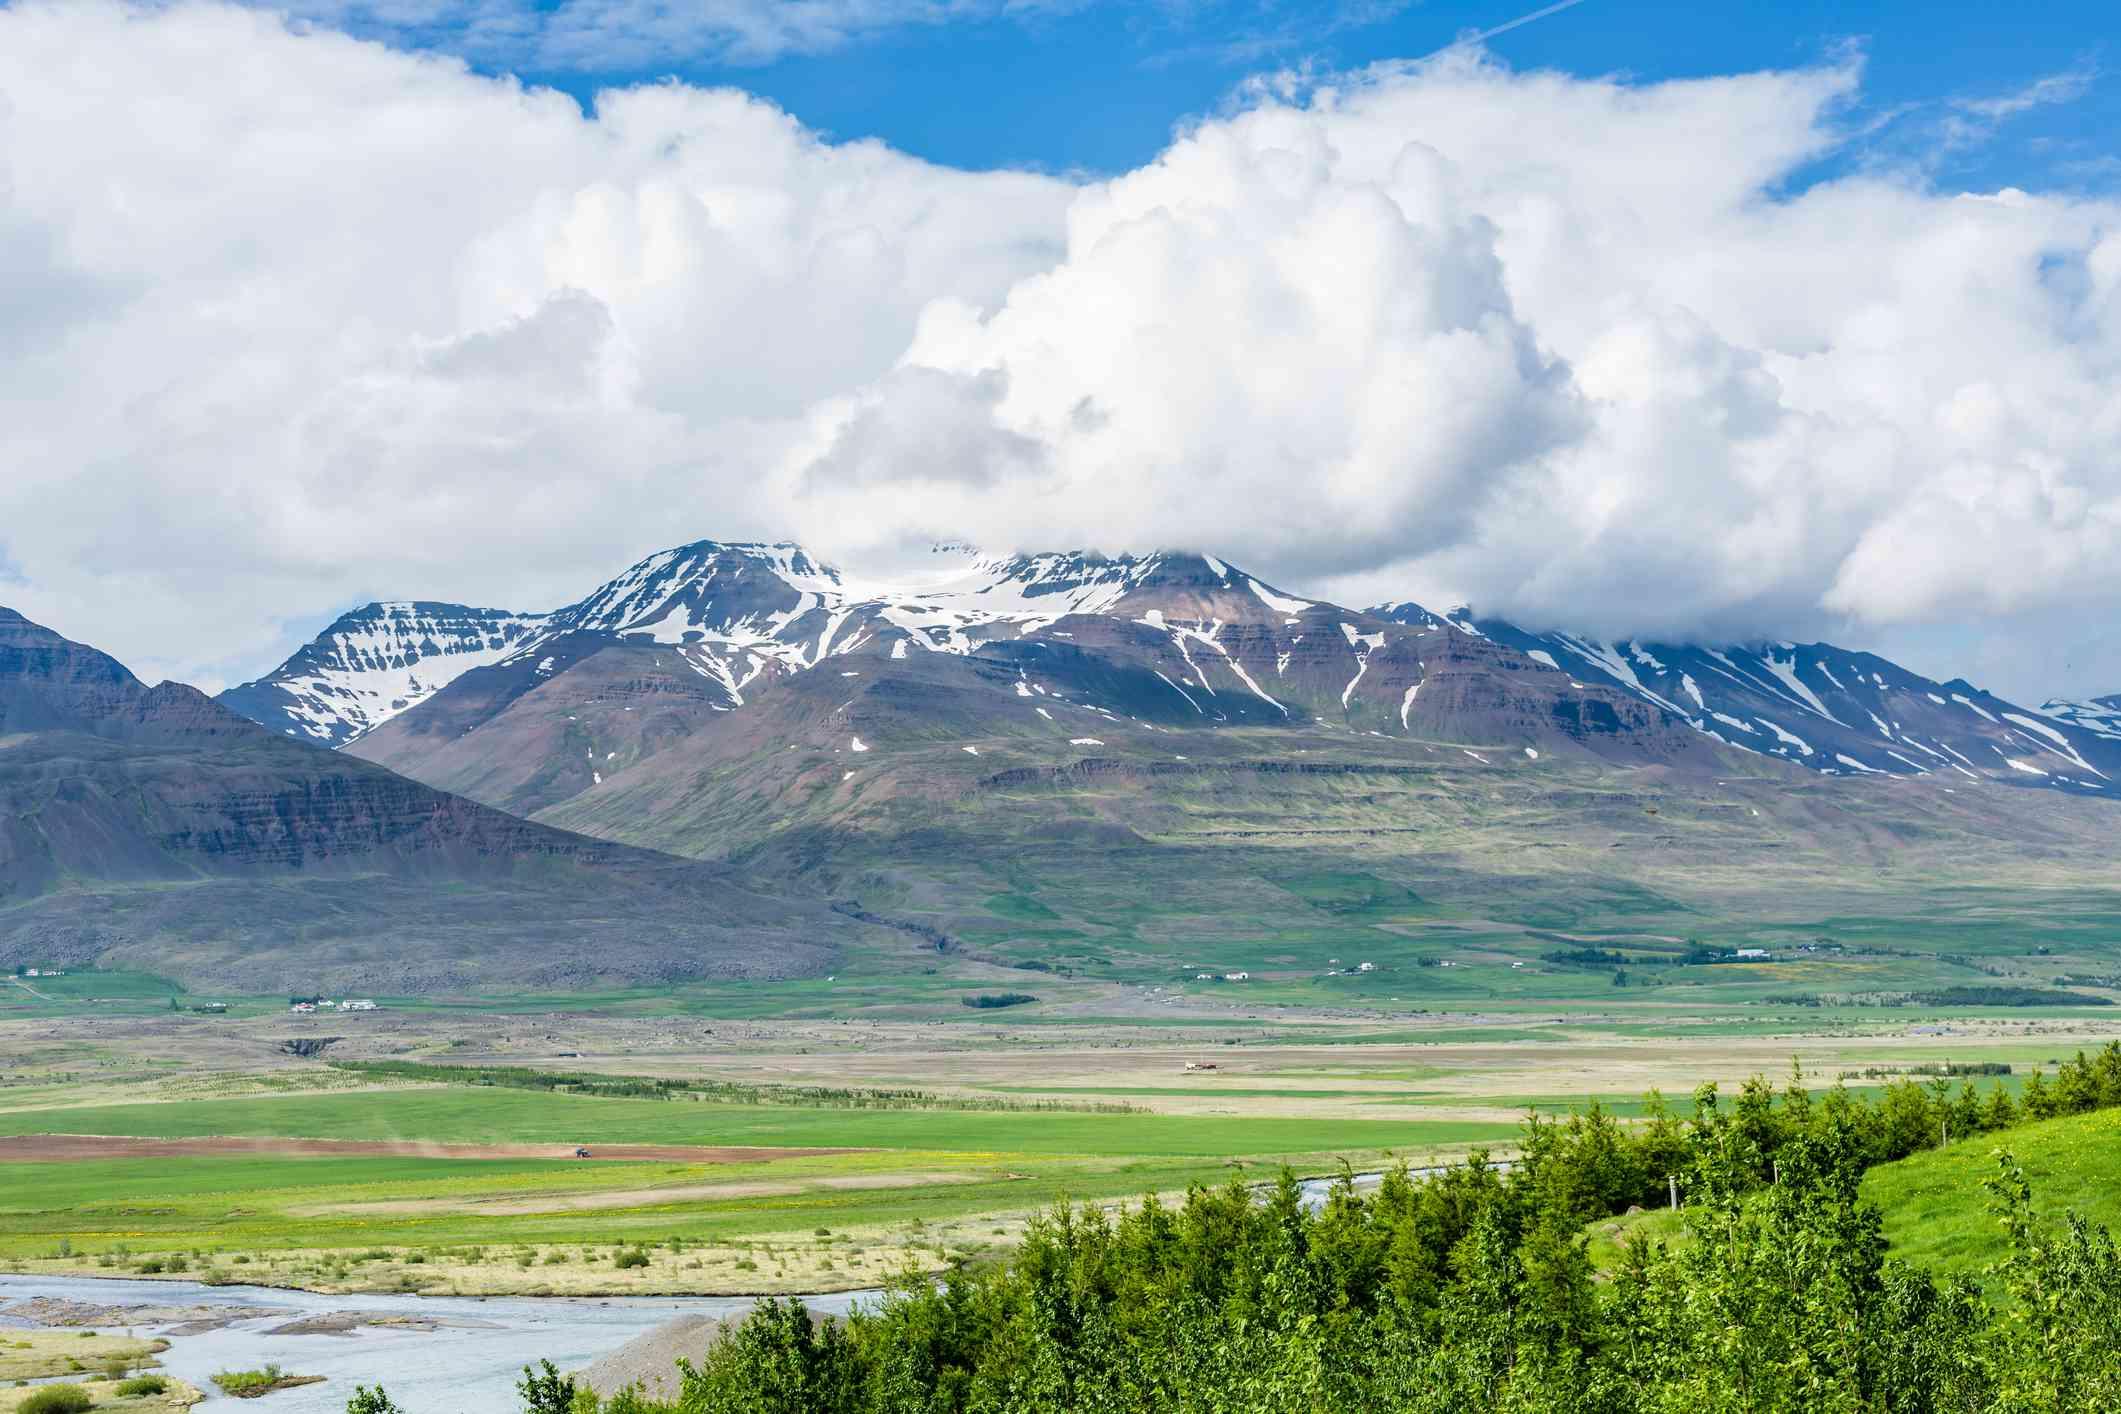 Mt. Kerling in Eyjafjordur Iceland